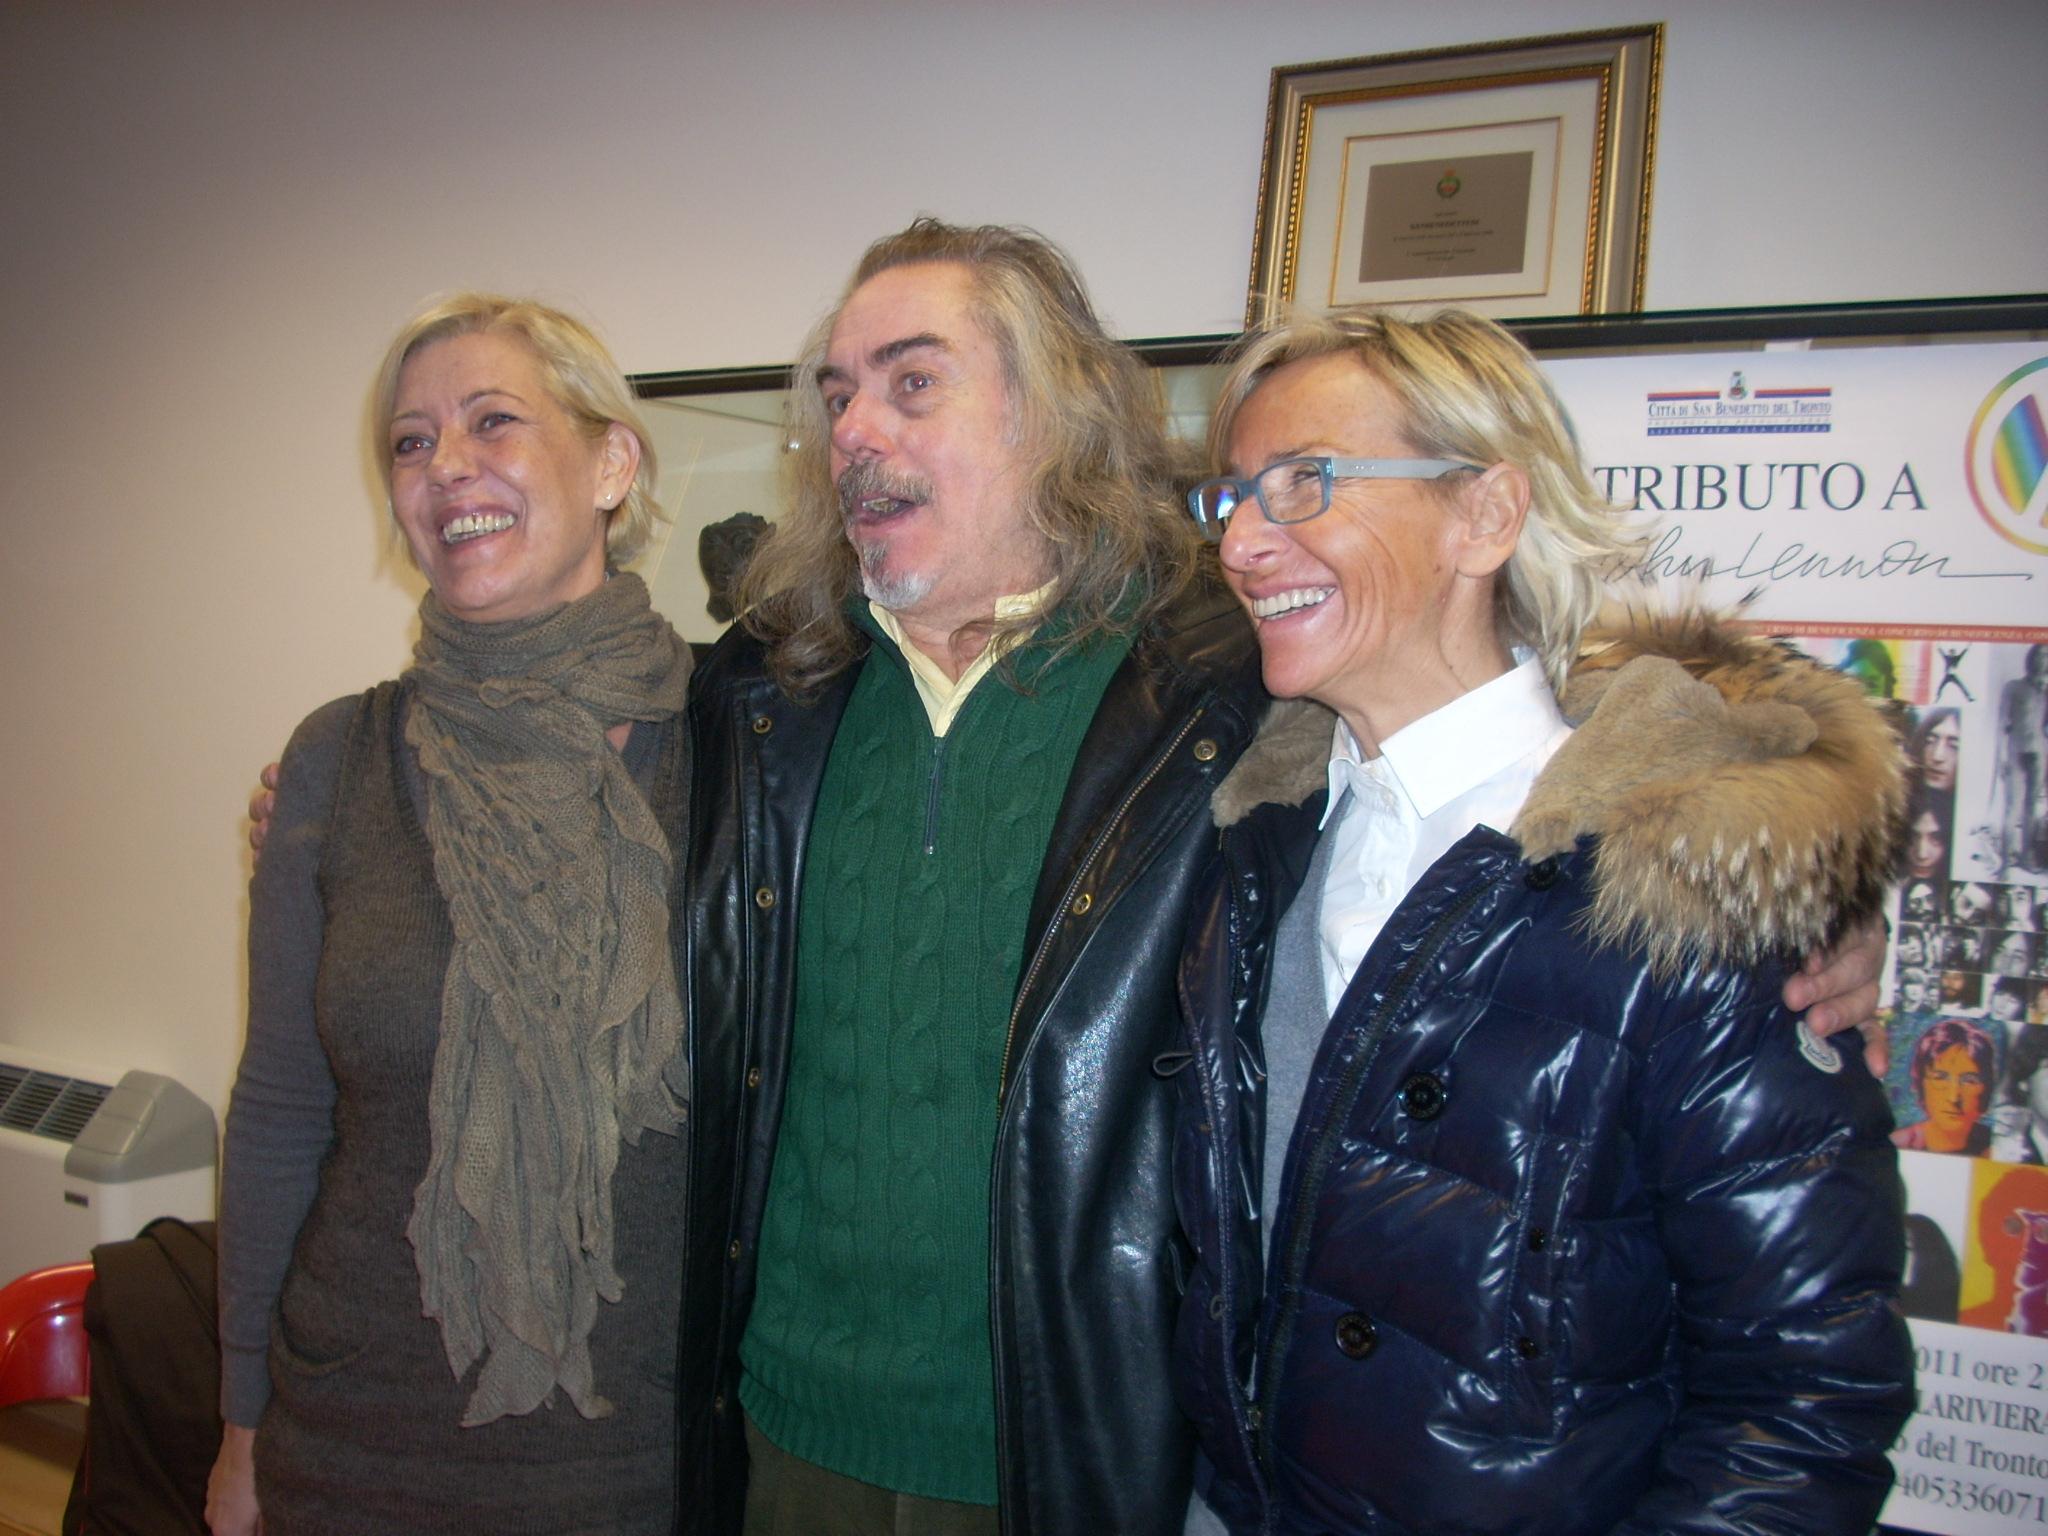 Margherita Sorge con gli organizzatori del Tributo a John Lennon